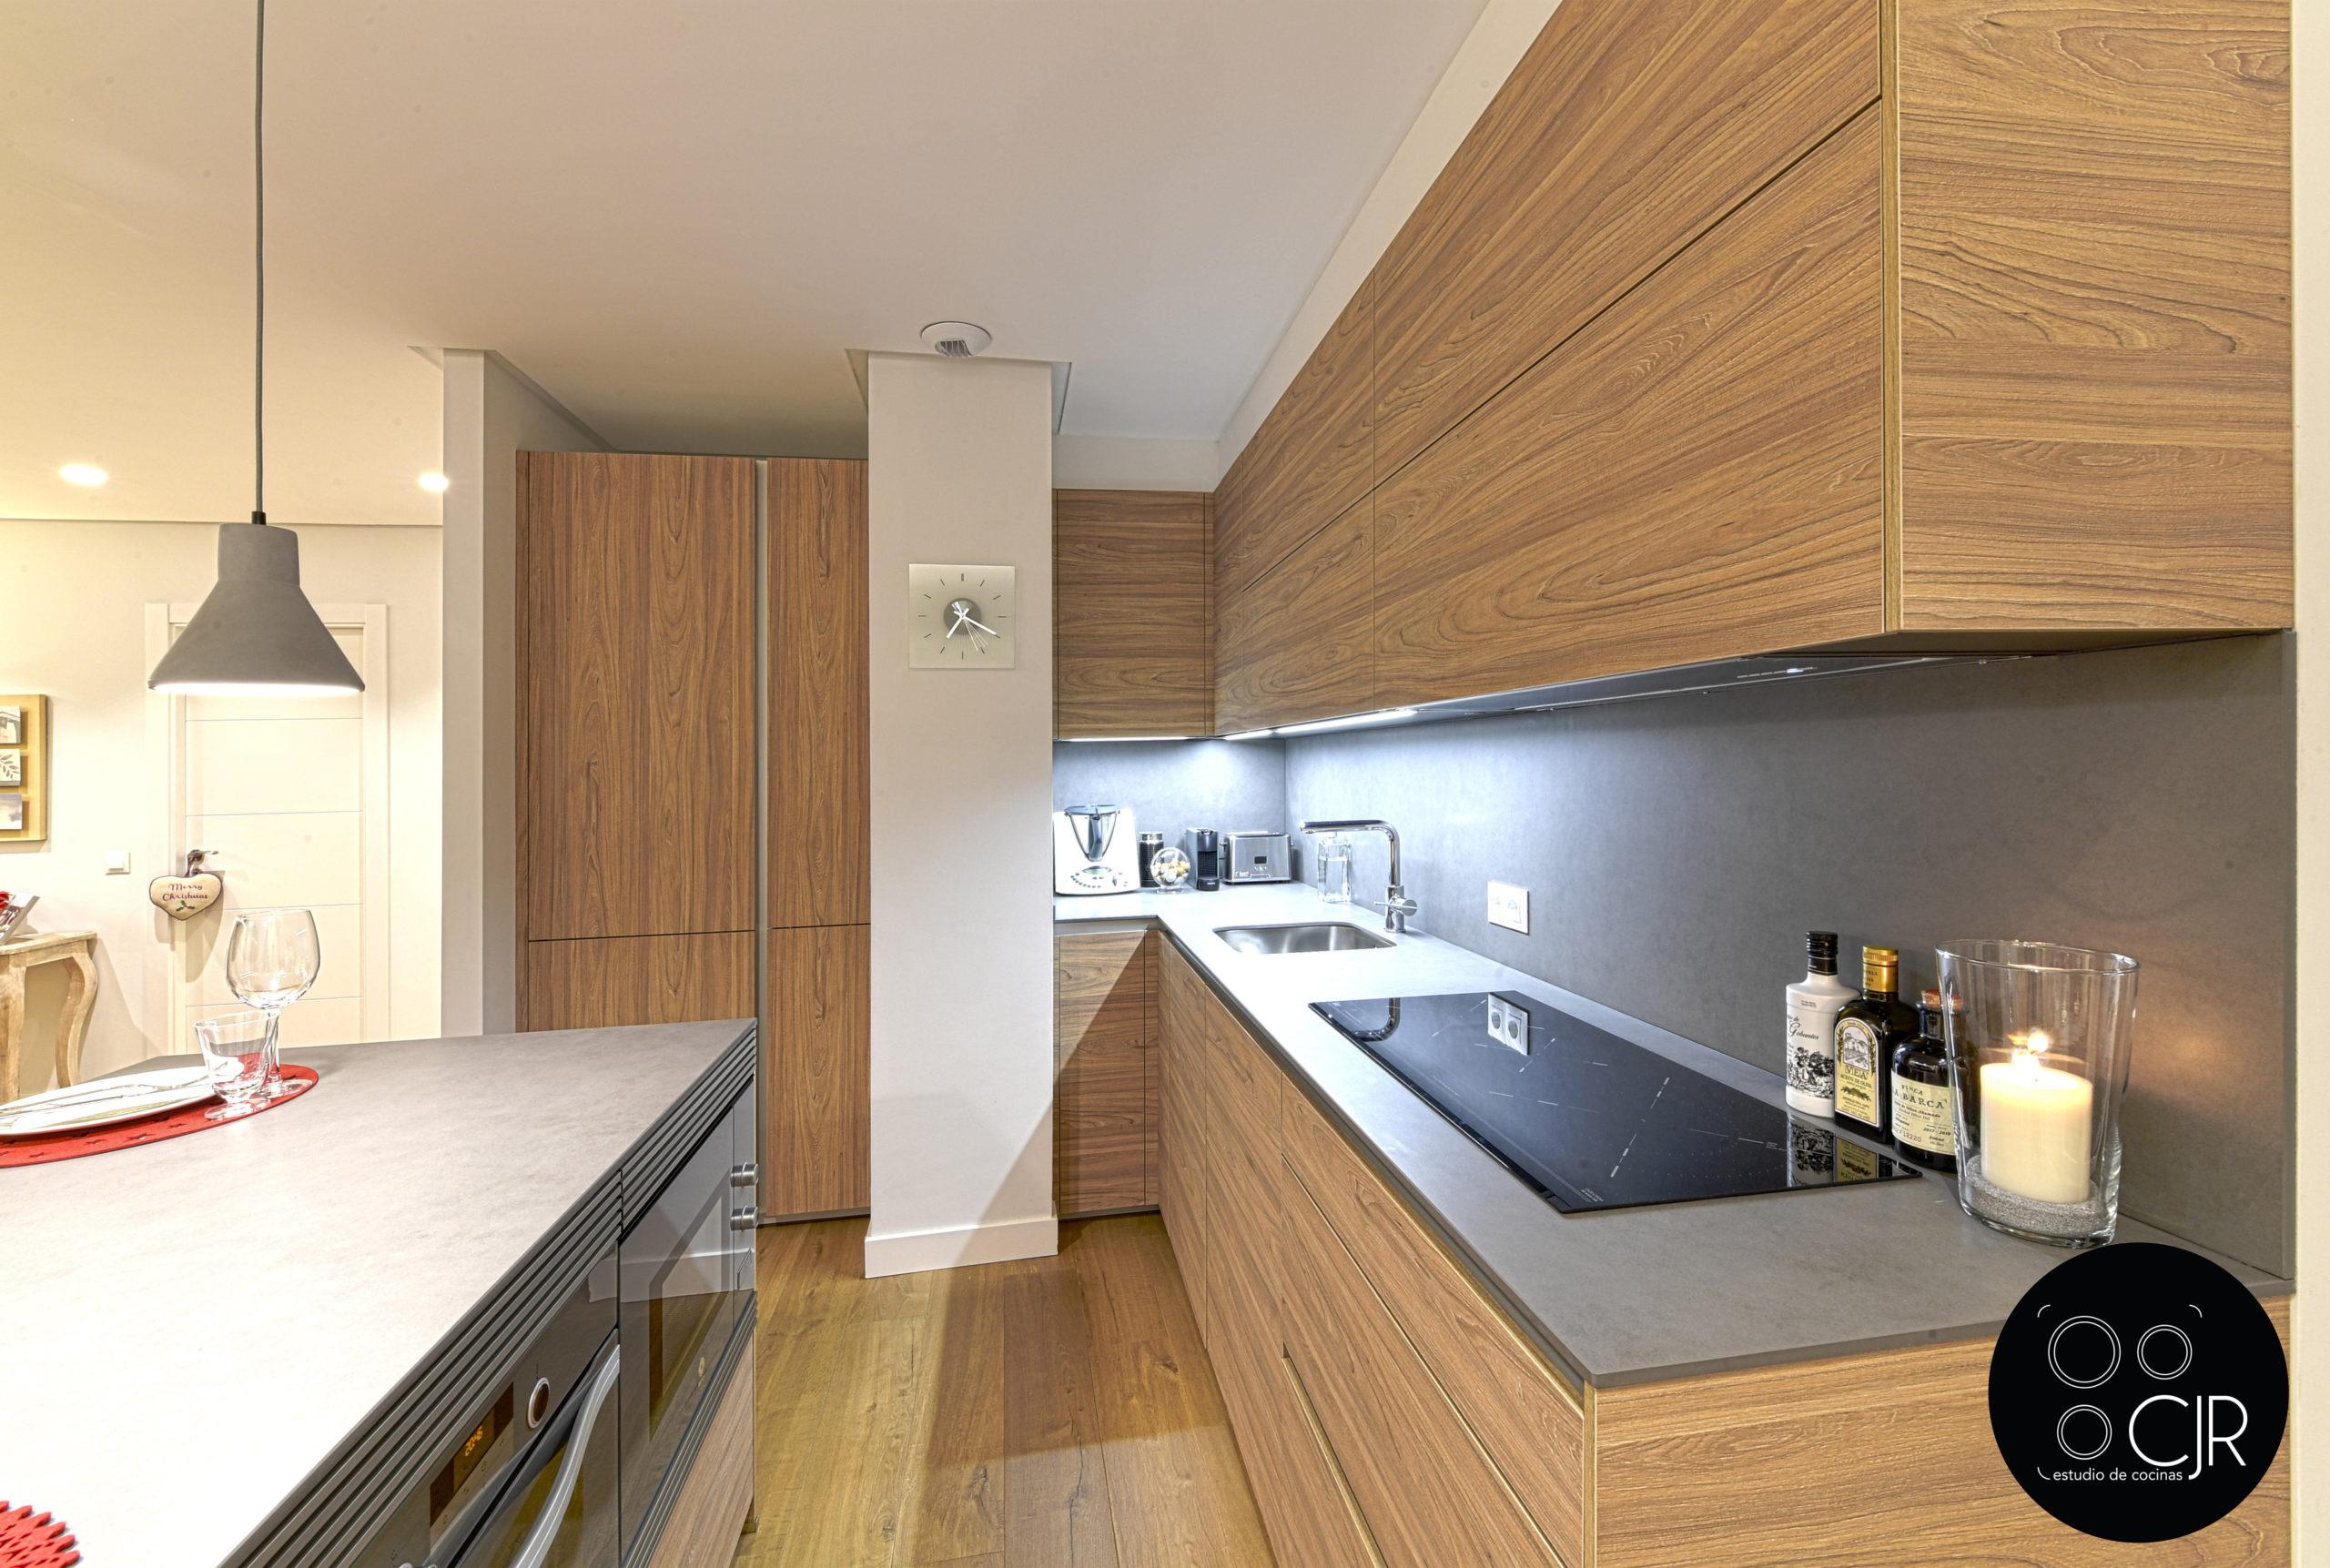 Cocina completa en madera y gris